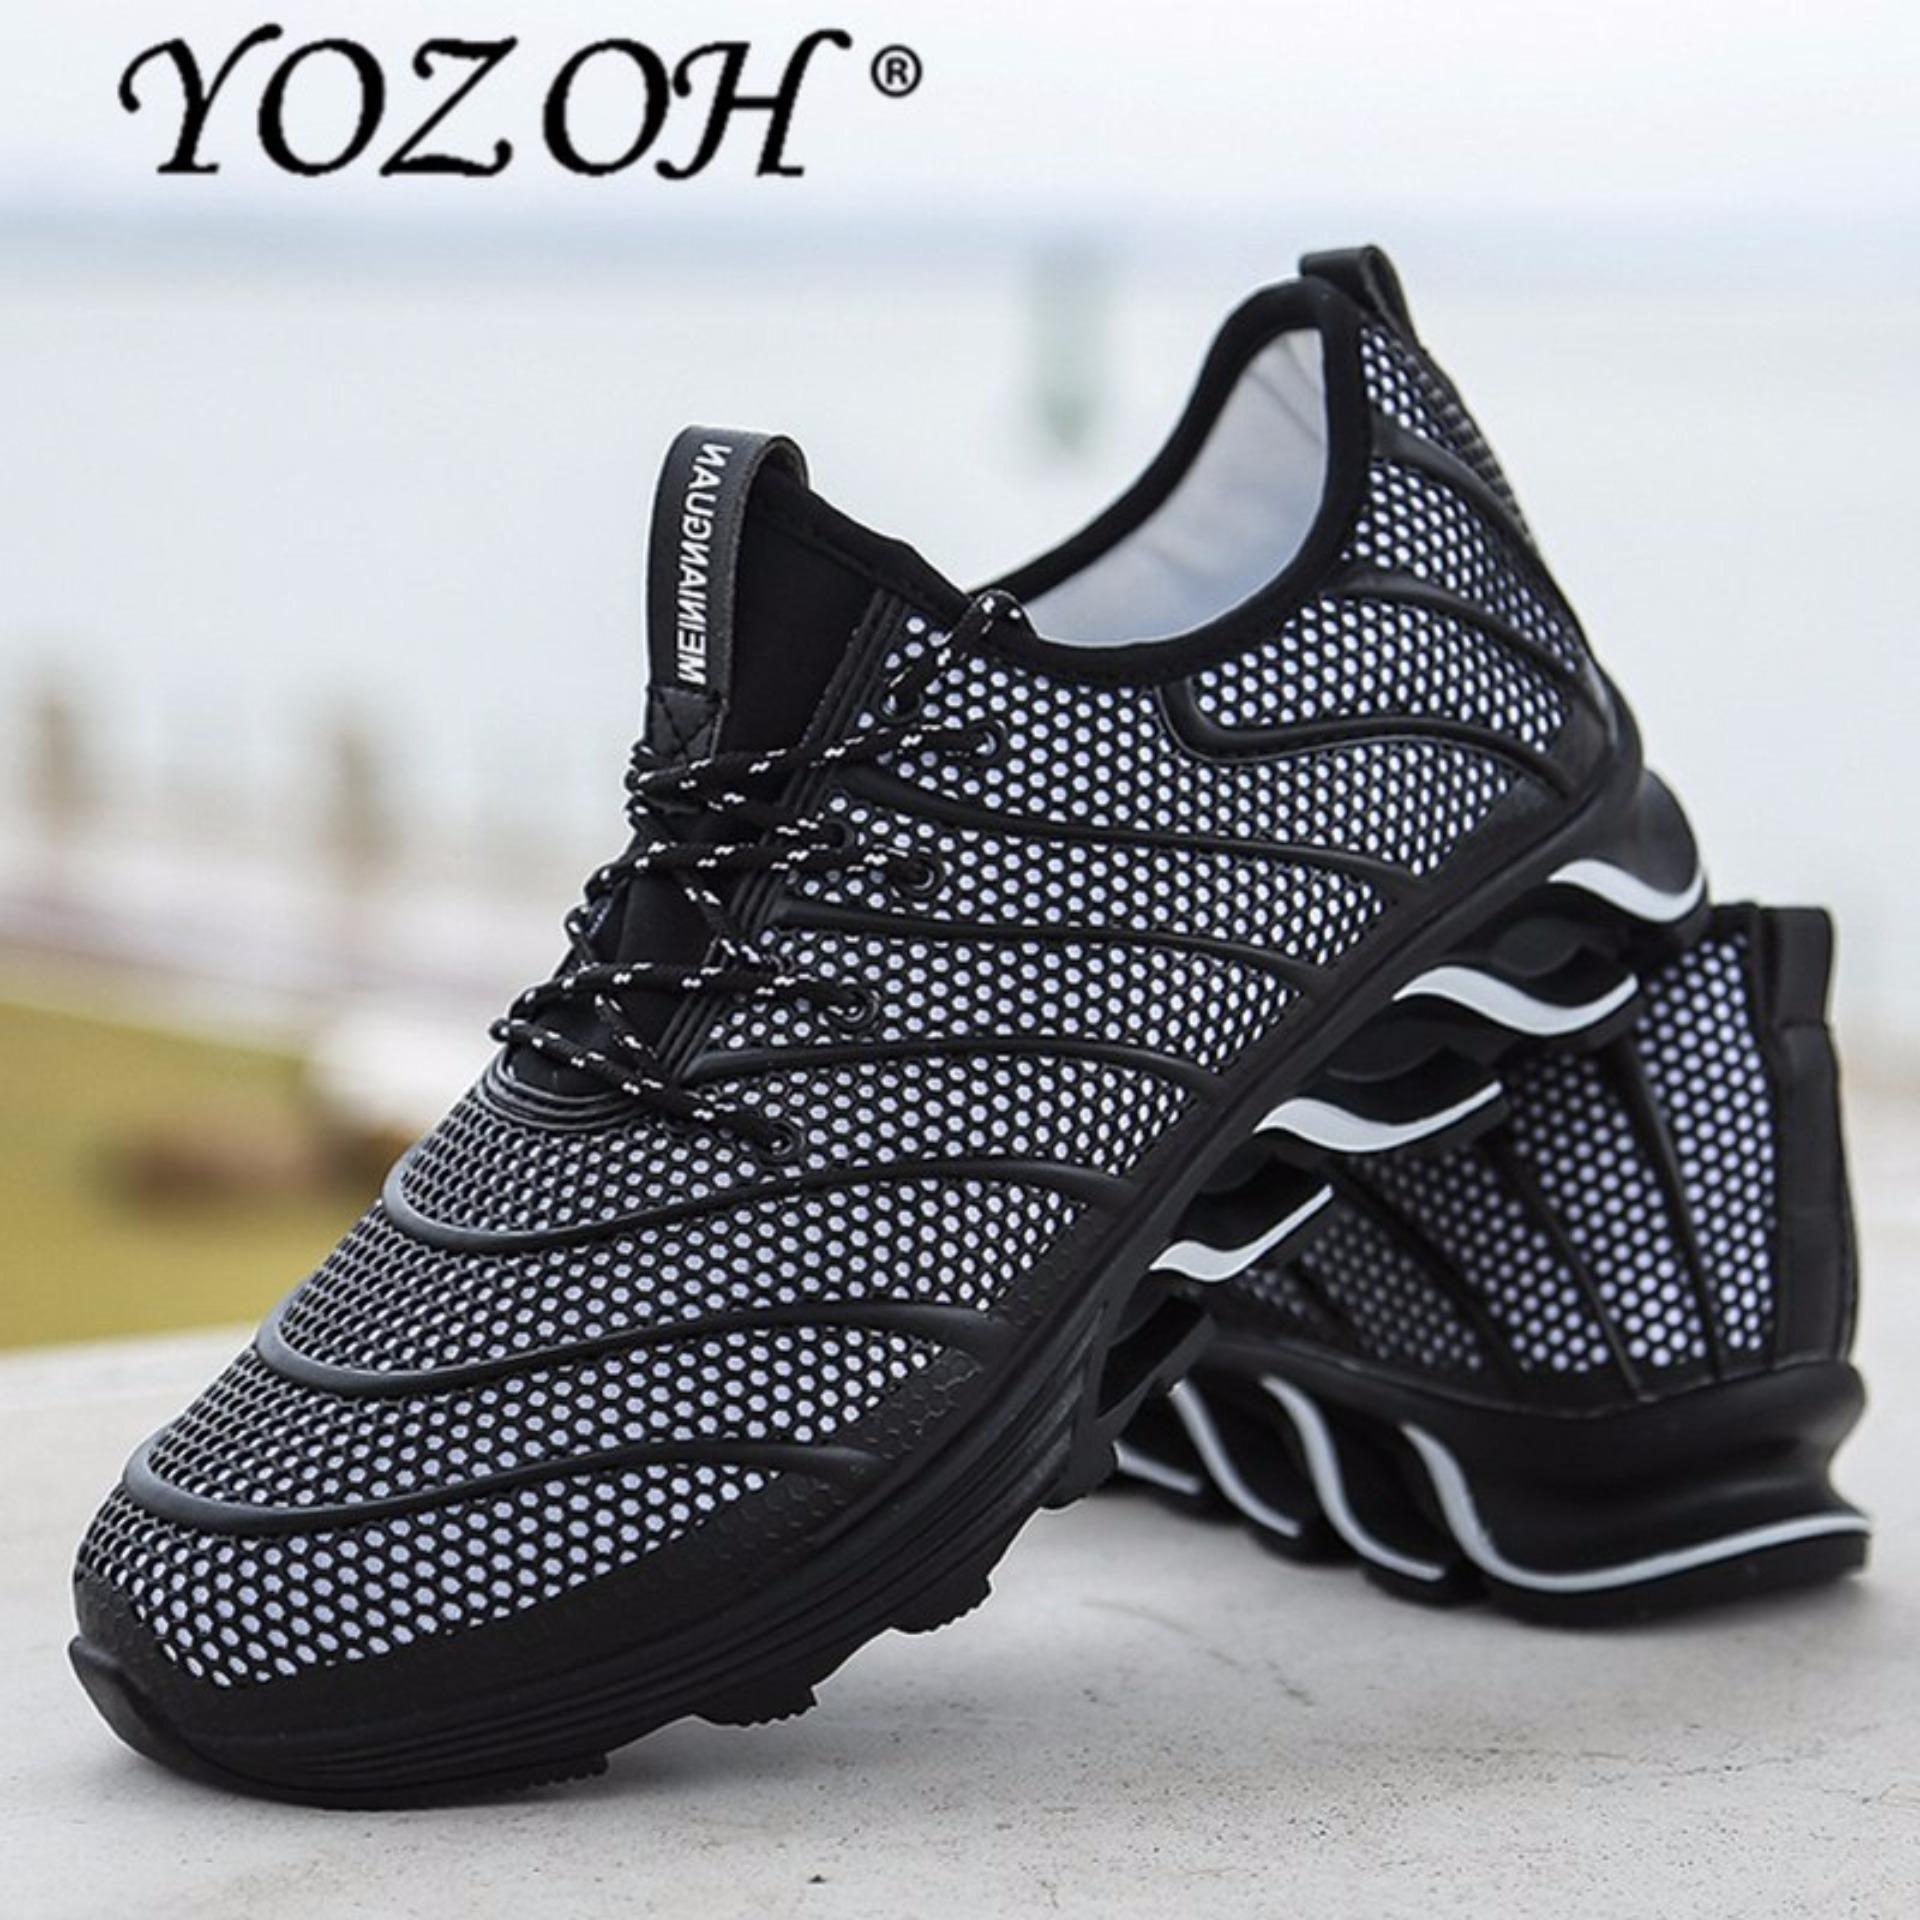 Harga Yozoh Olahraga Sepatu Lari Musik Irama Pria Sneakers Bernapas Mesh Kolam Hitam Intl Original